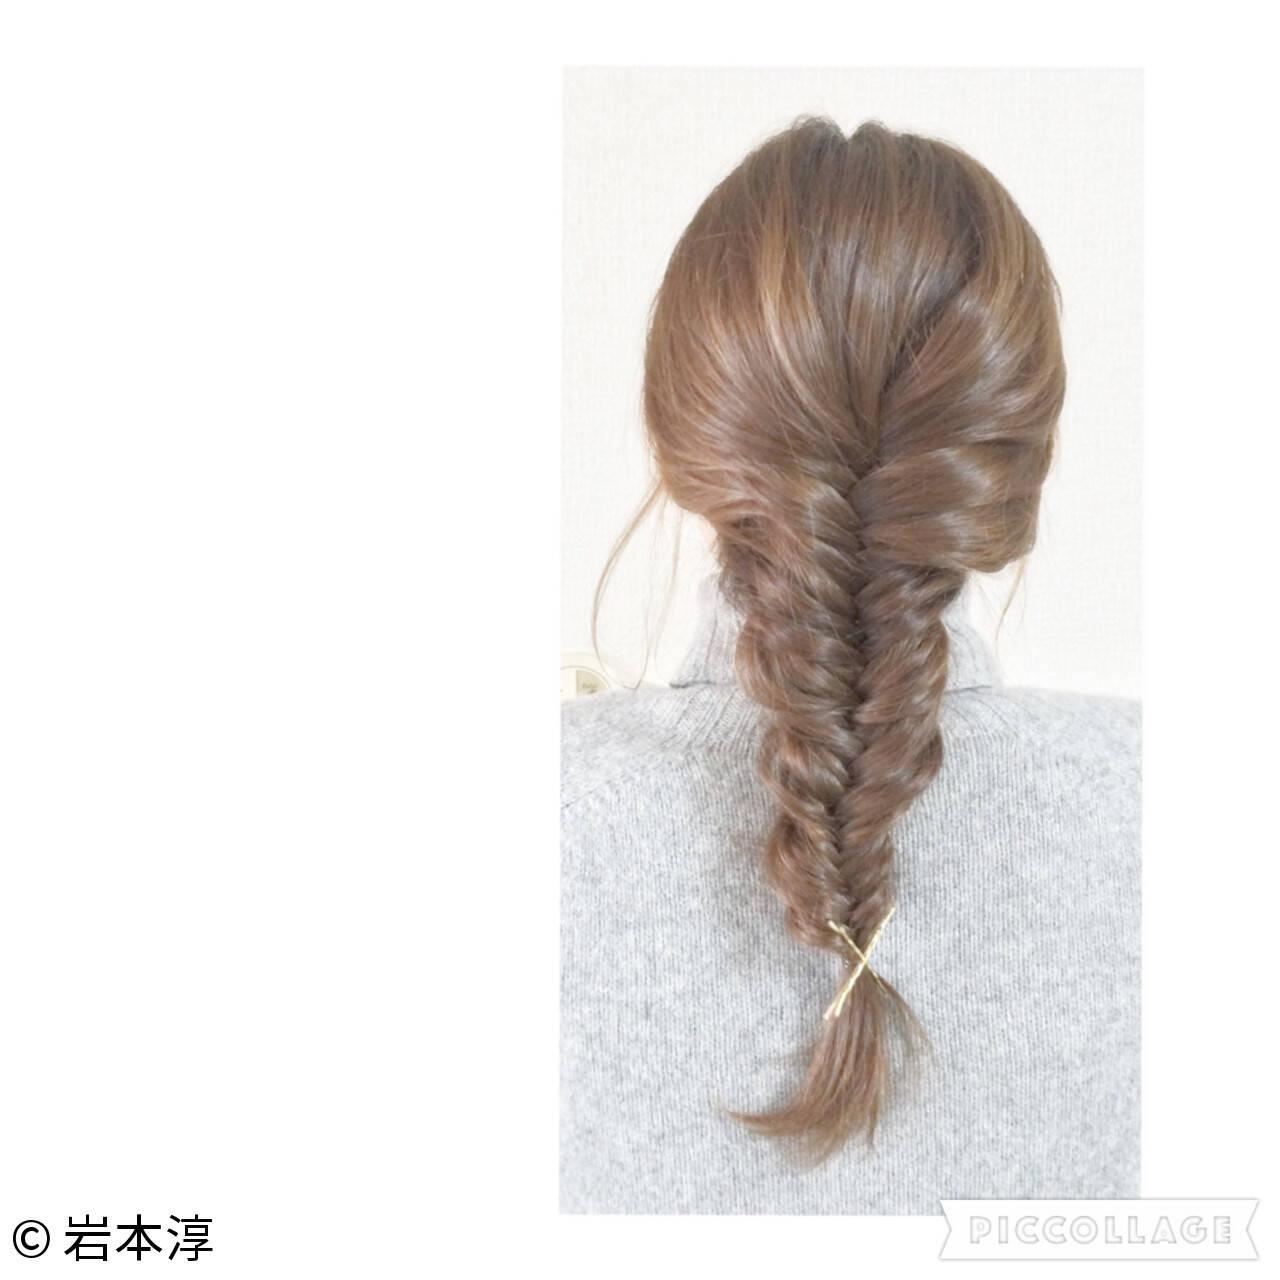 フィッシュボーン ショート 簡単ヘアアレンジ ヘアアクセヘアスタイルや髪型の写真・画像